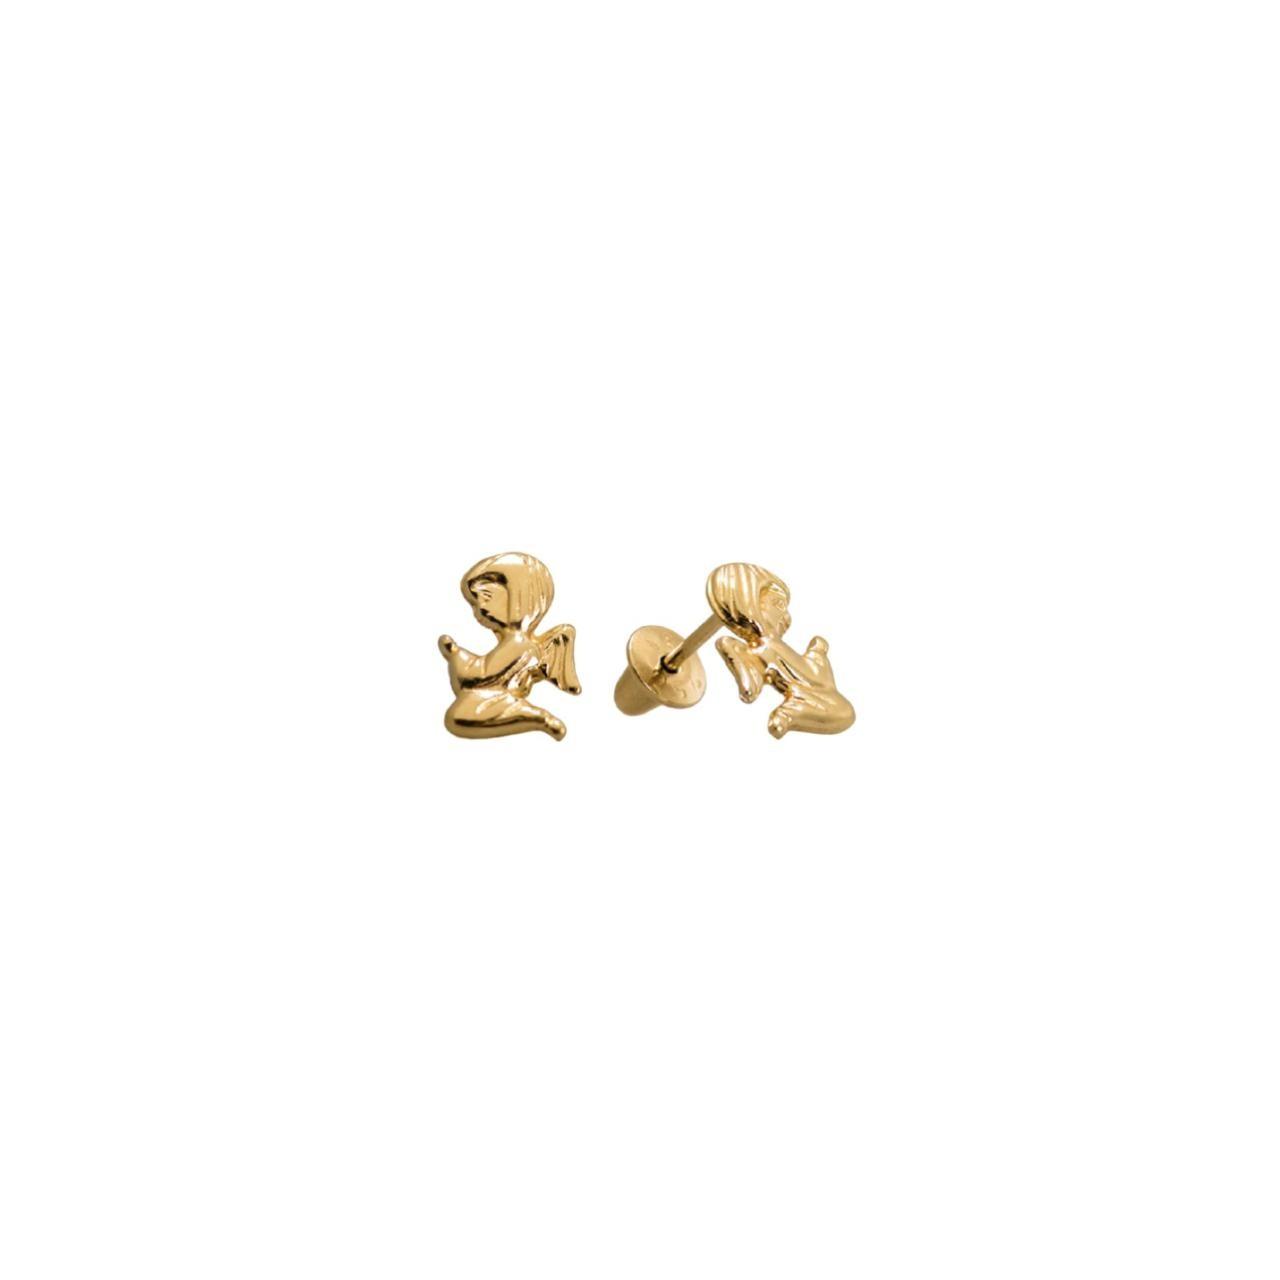 Brincos Anjos em Ouro 18k